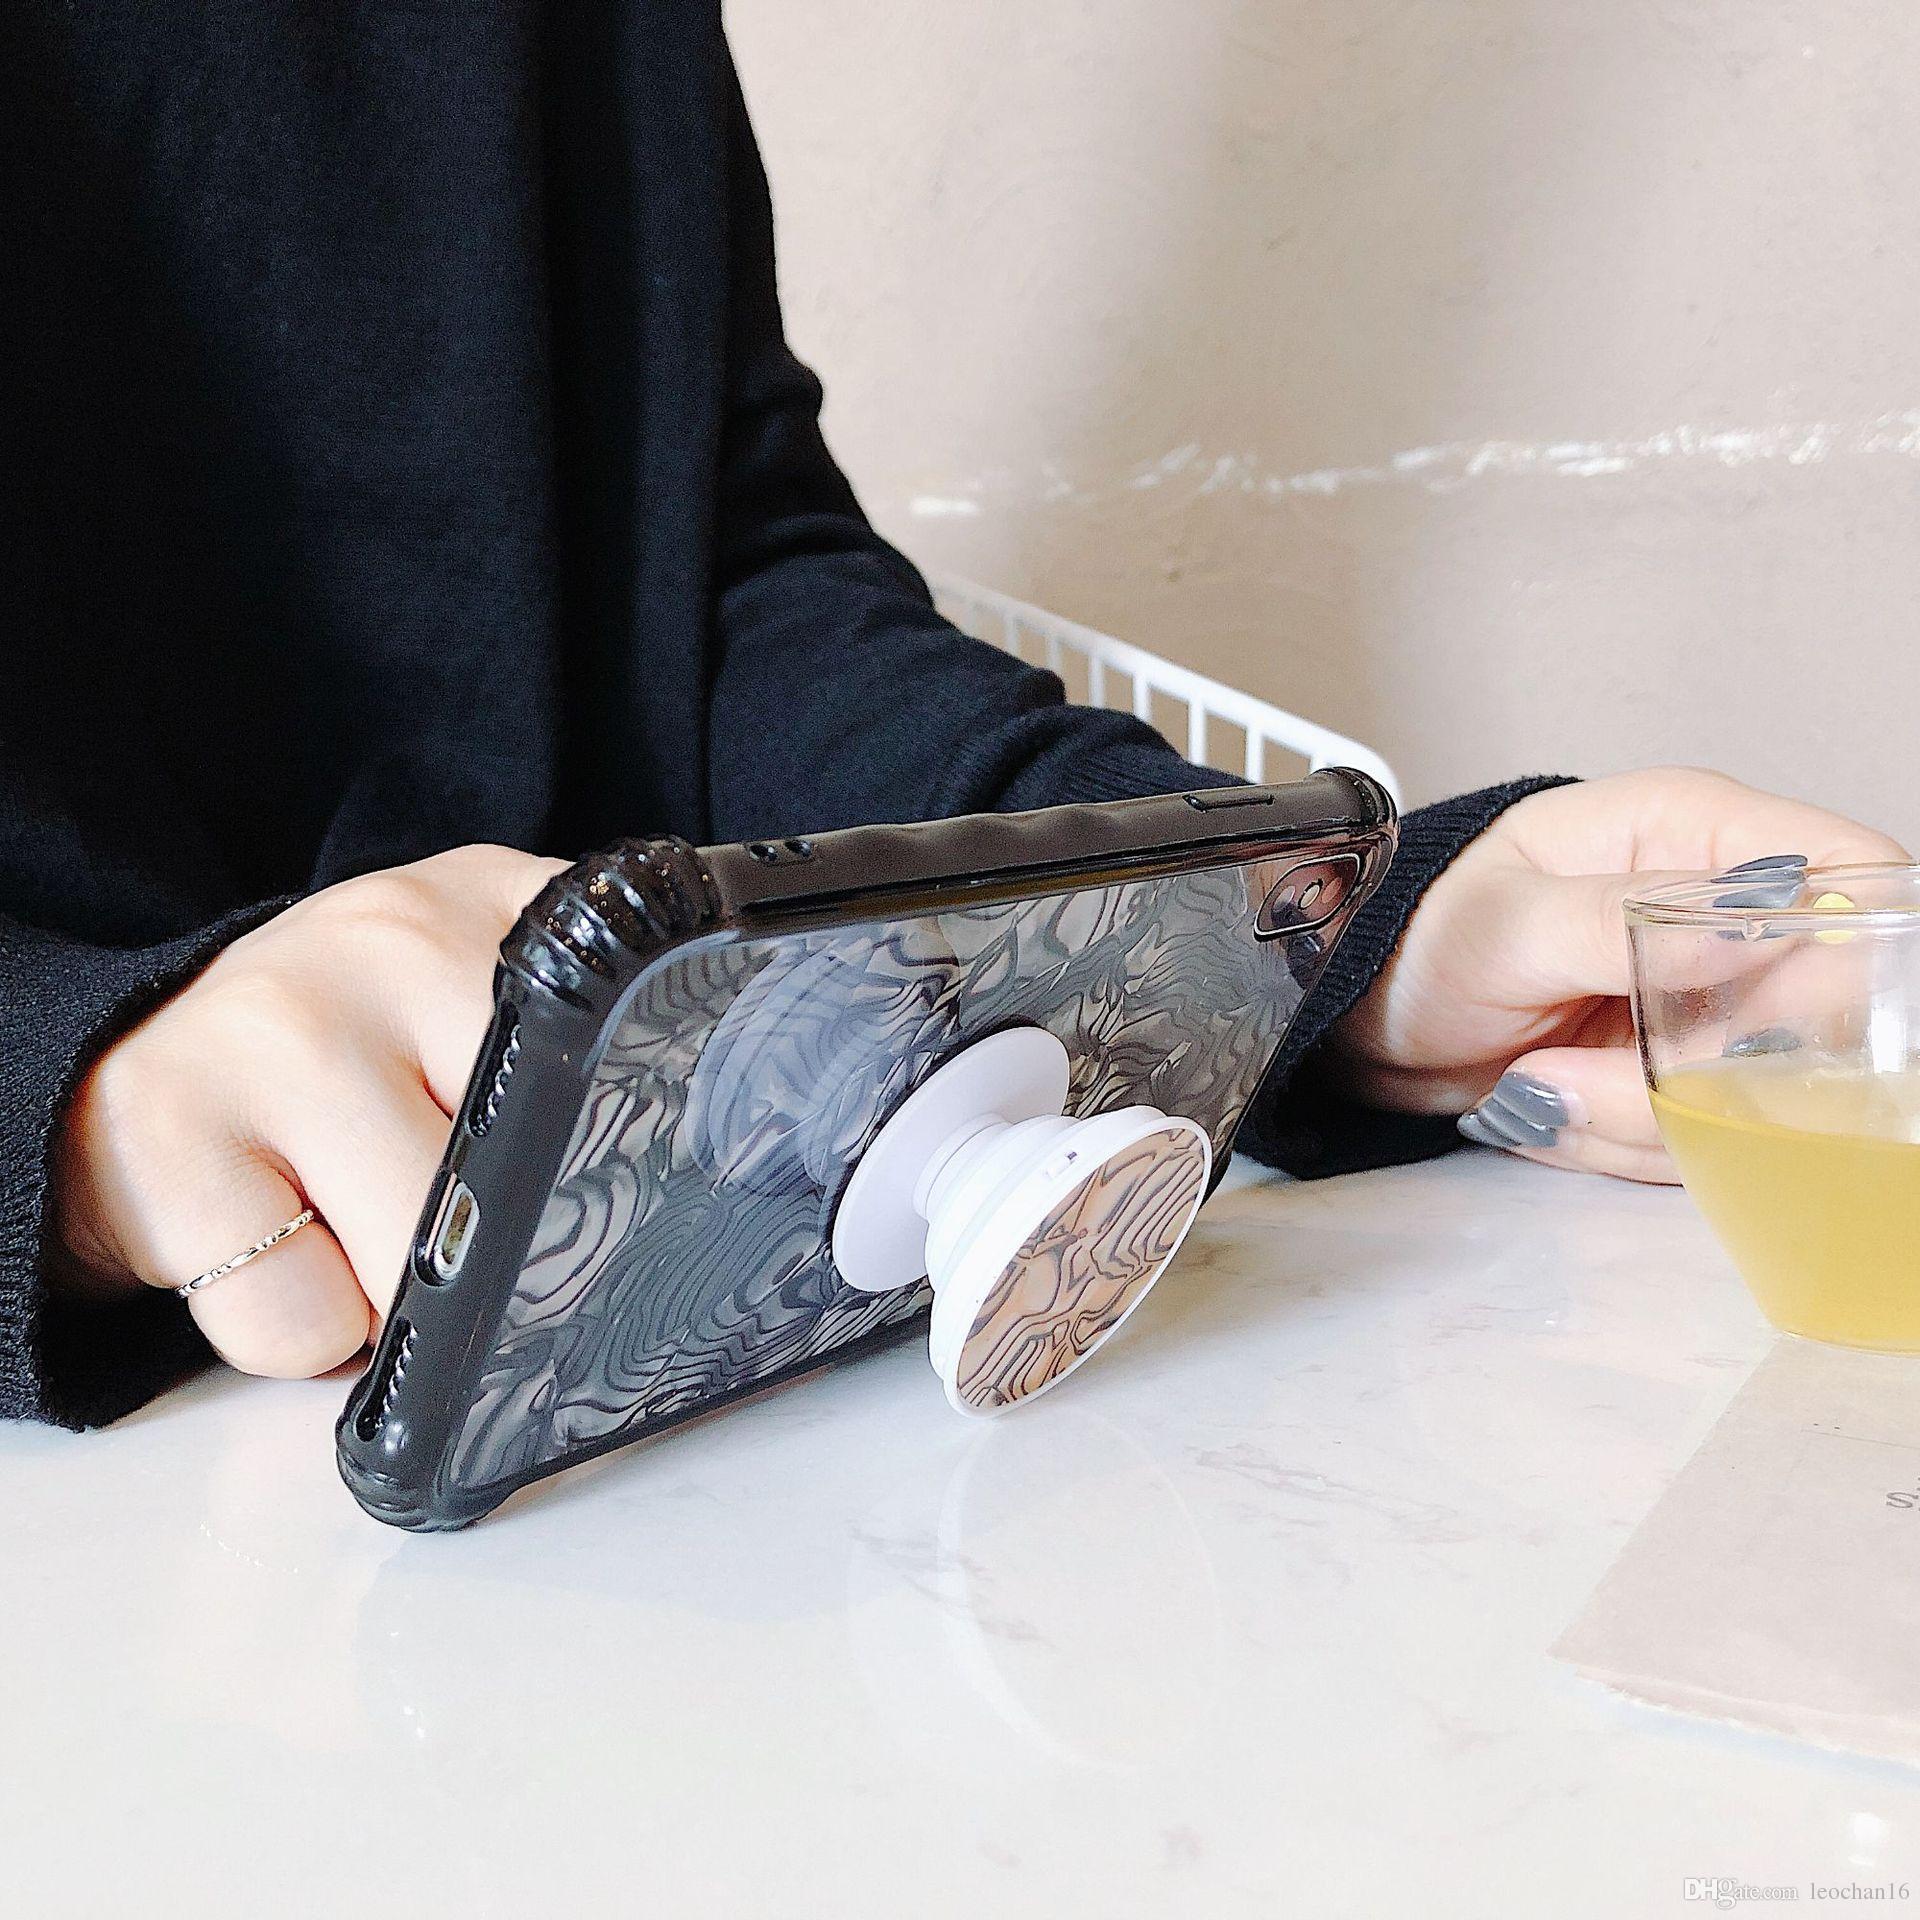 Довольно новый раковина чехол для телефона с выдвижной подушкой безопасности кронштейн Kickstand задняя крышка протектор для iPhone X 10 6 S 7 8 Plus